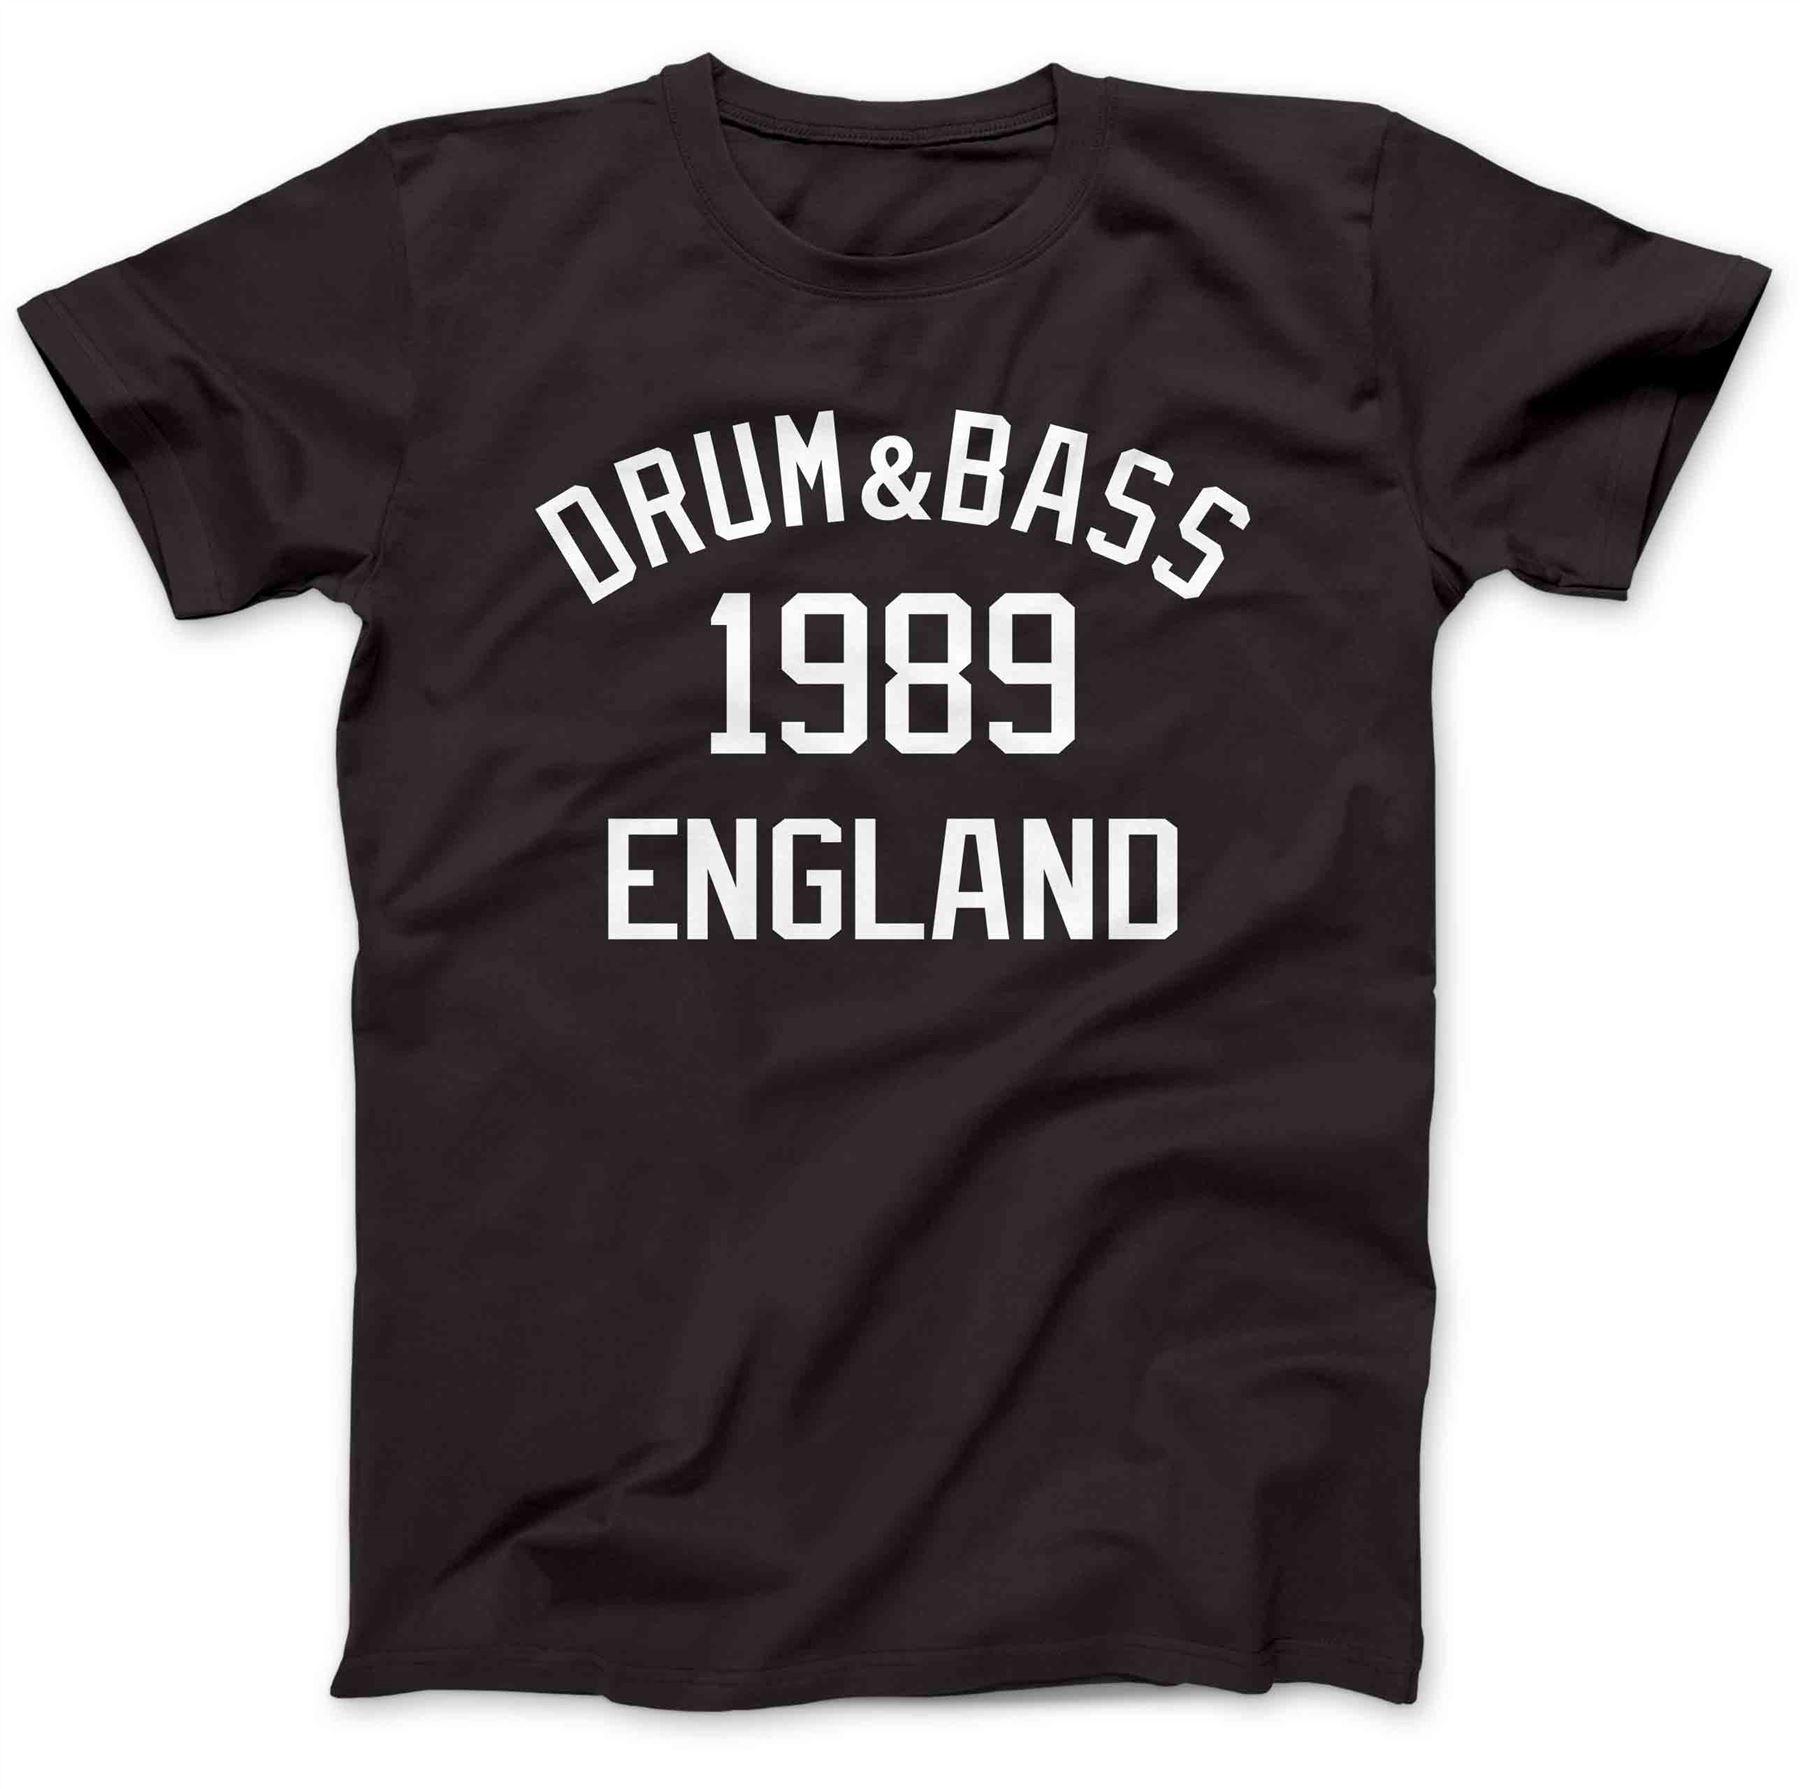 Стиль Винтаж Футболки для девочек Забавные короткий топ Барабаны и Bass Музыка 1989 Goldie Барабаны 'n' бас D & B О-образным вырезом мужские футболка